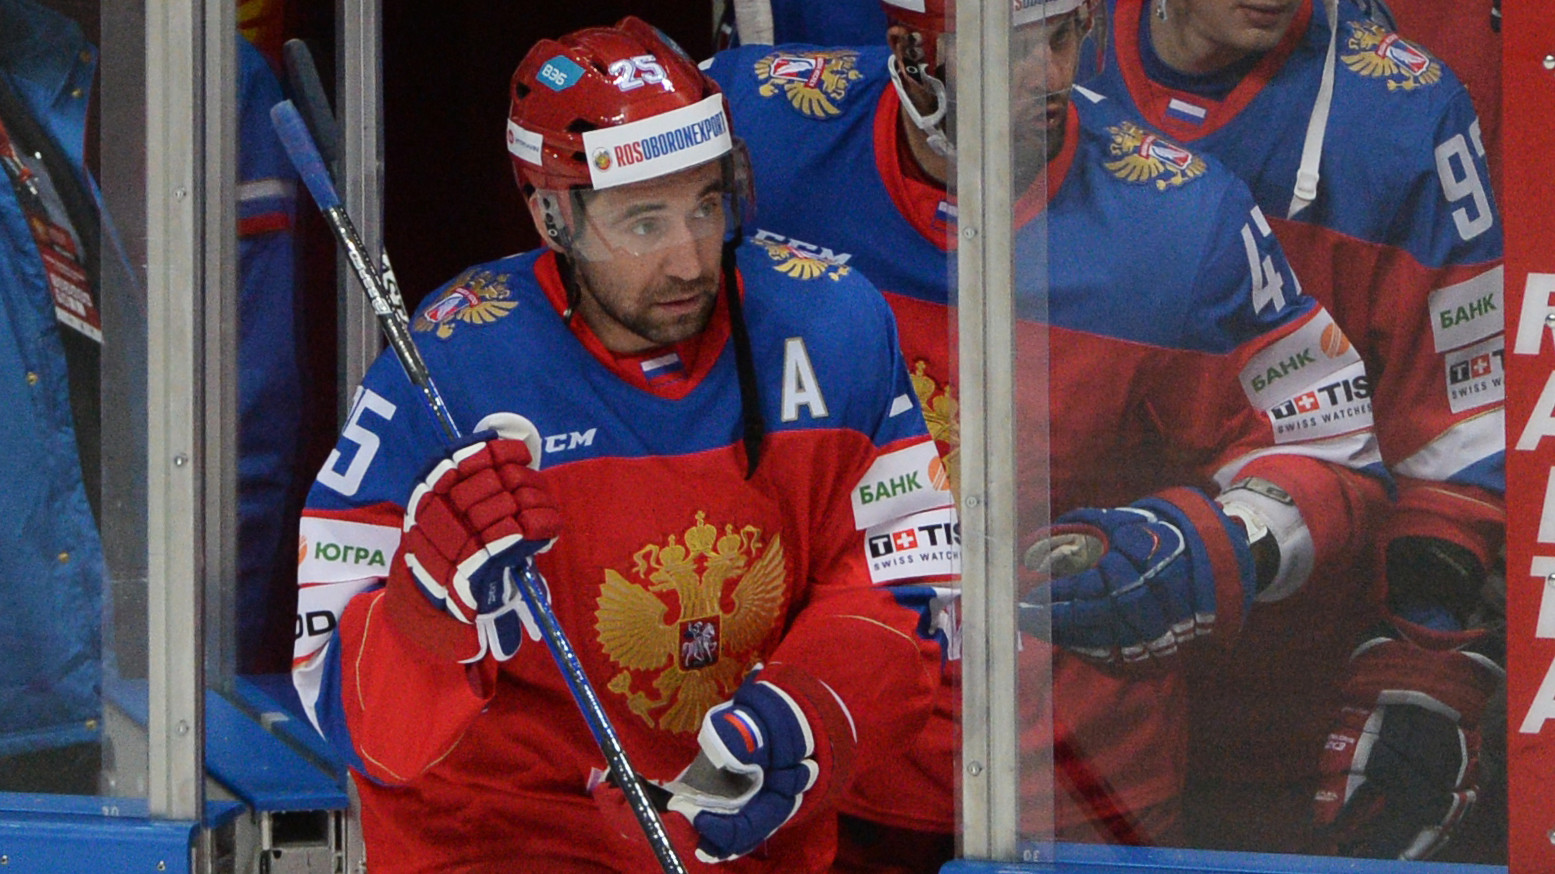 Дисквалификация вместо Олимпиады: один из самых титулованных хоккеистов России Зарипов отстранён на два года за допинг